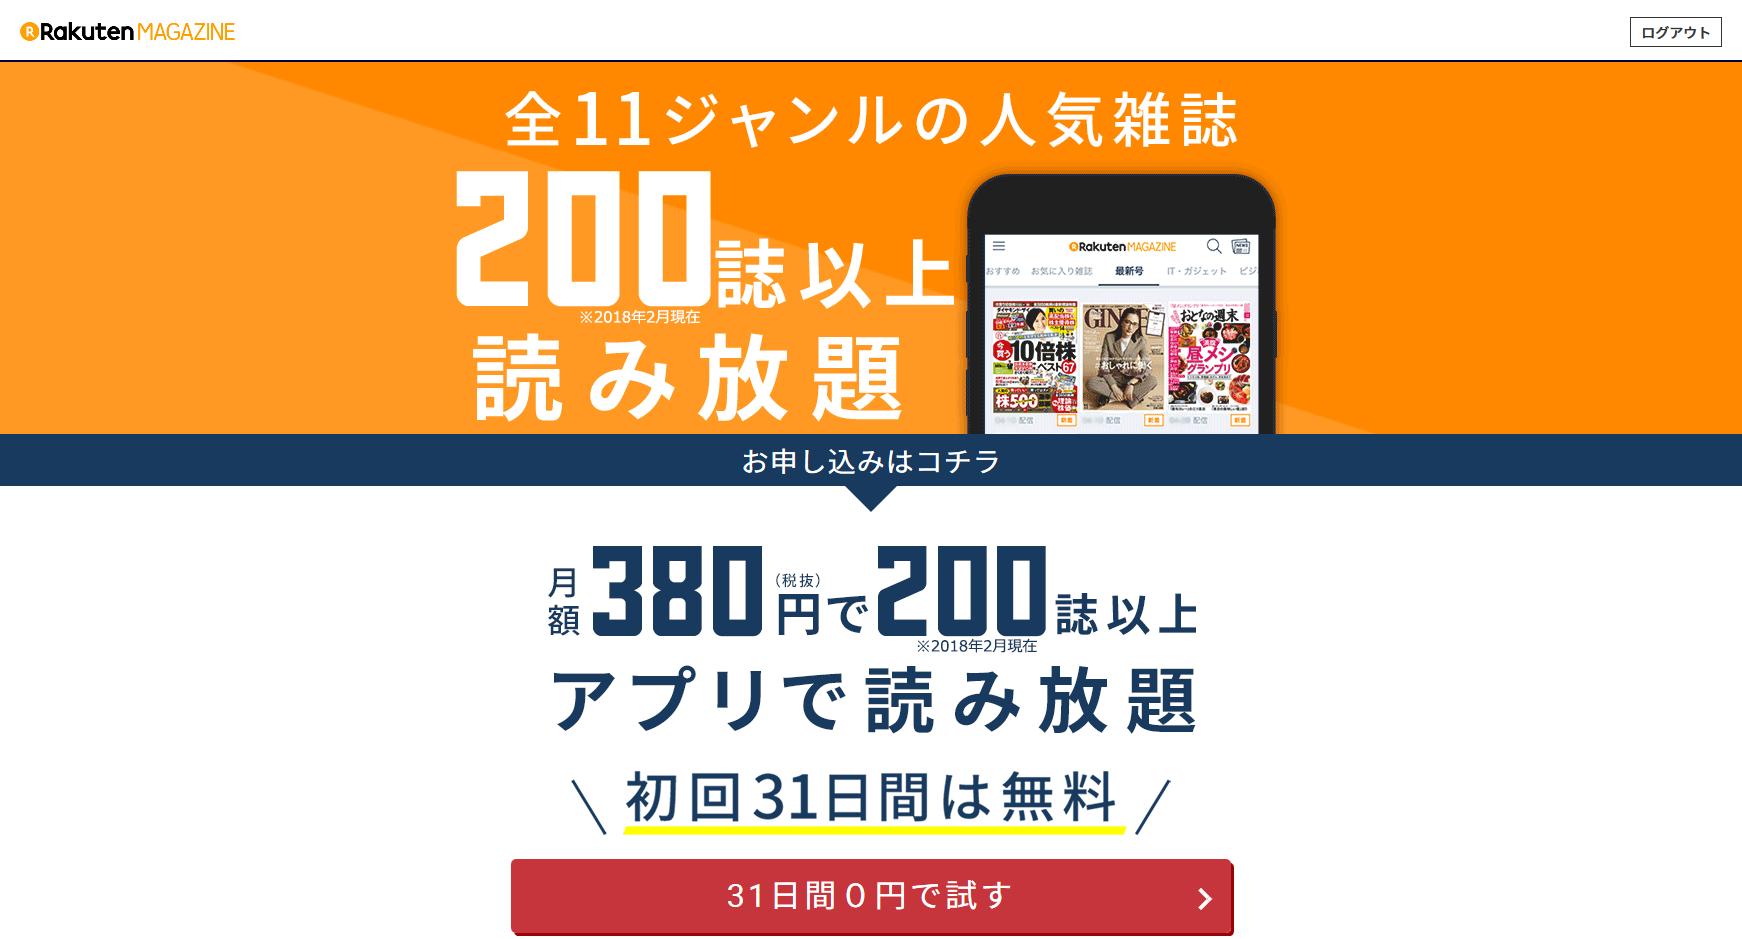 楽天マガジン:200誌以上のいろいろなジャンルの雑誌が読み放題!